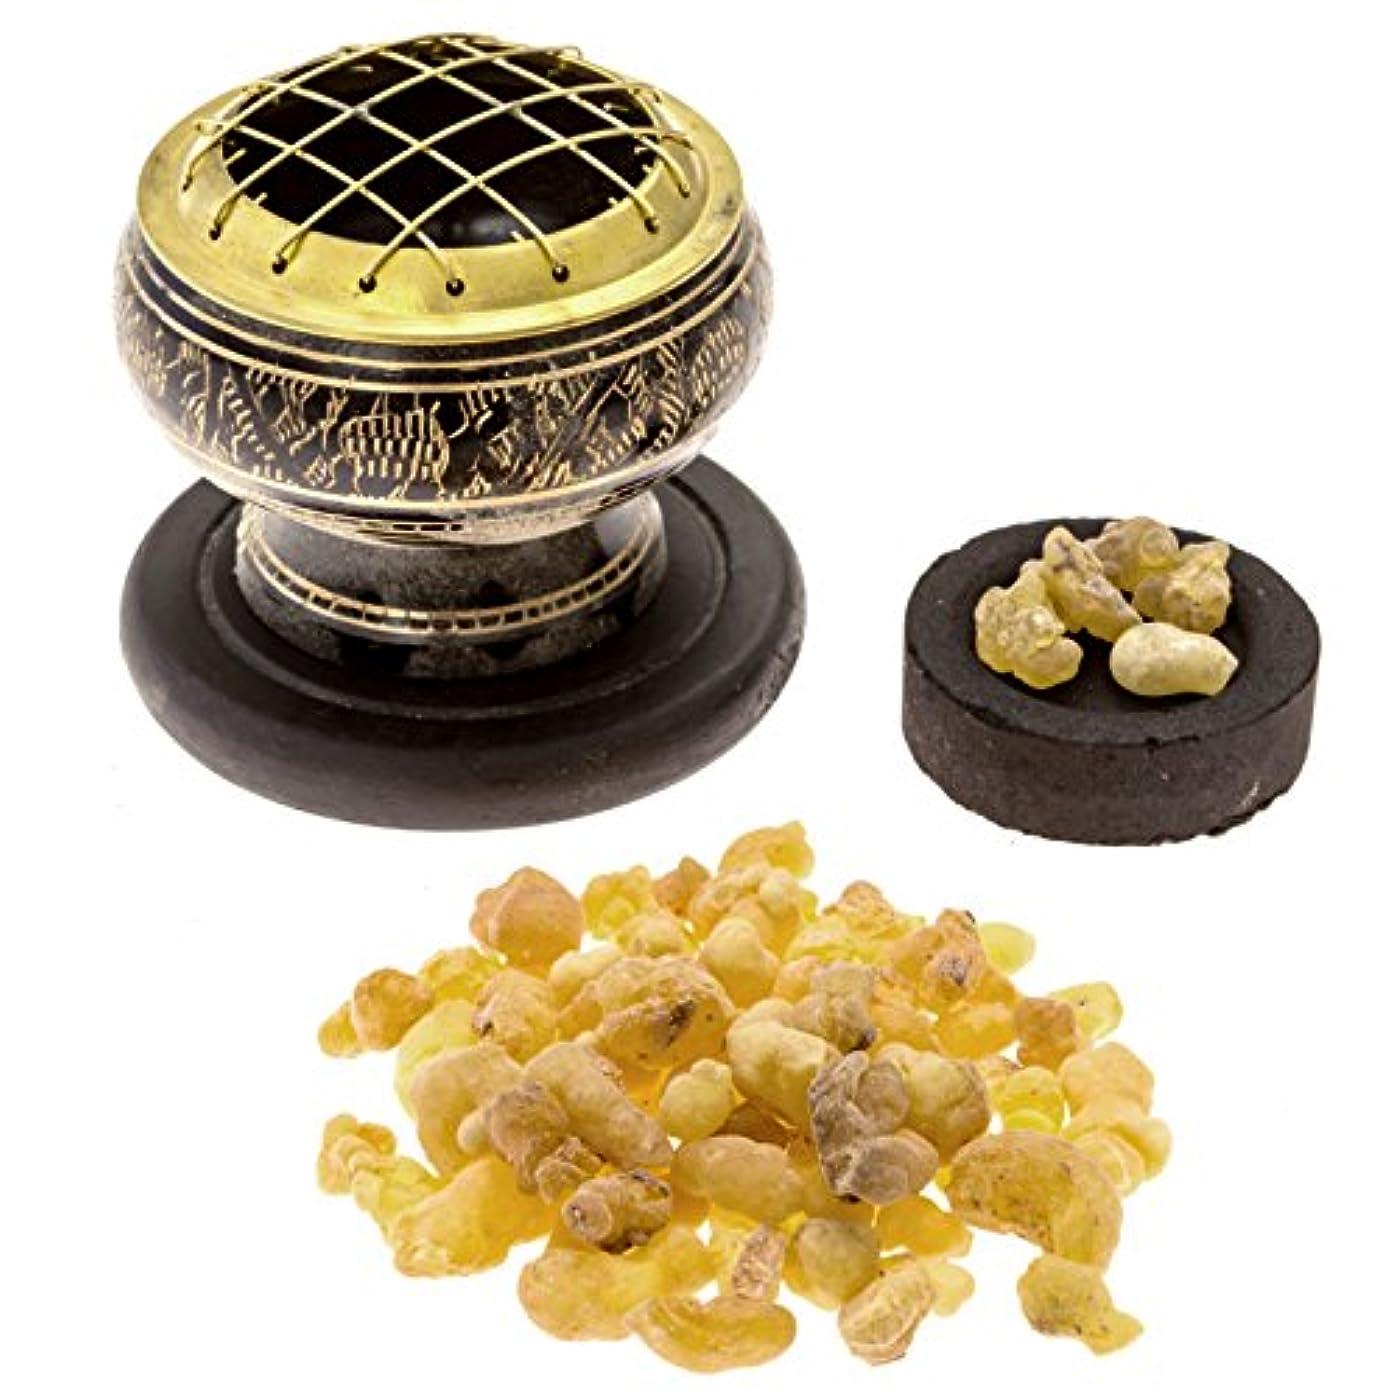 カートン病院ボクシングプレミアムFrankincense Burningキット( withチベット香炉または真鍮画面Burner ) (真鍮Burner )